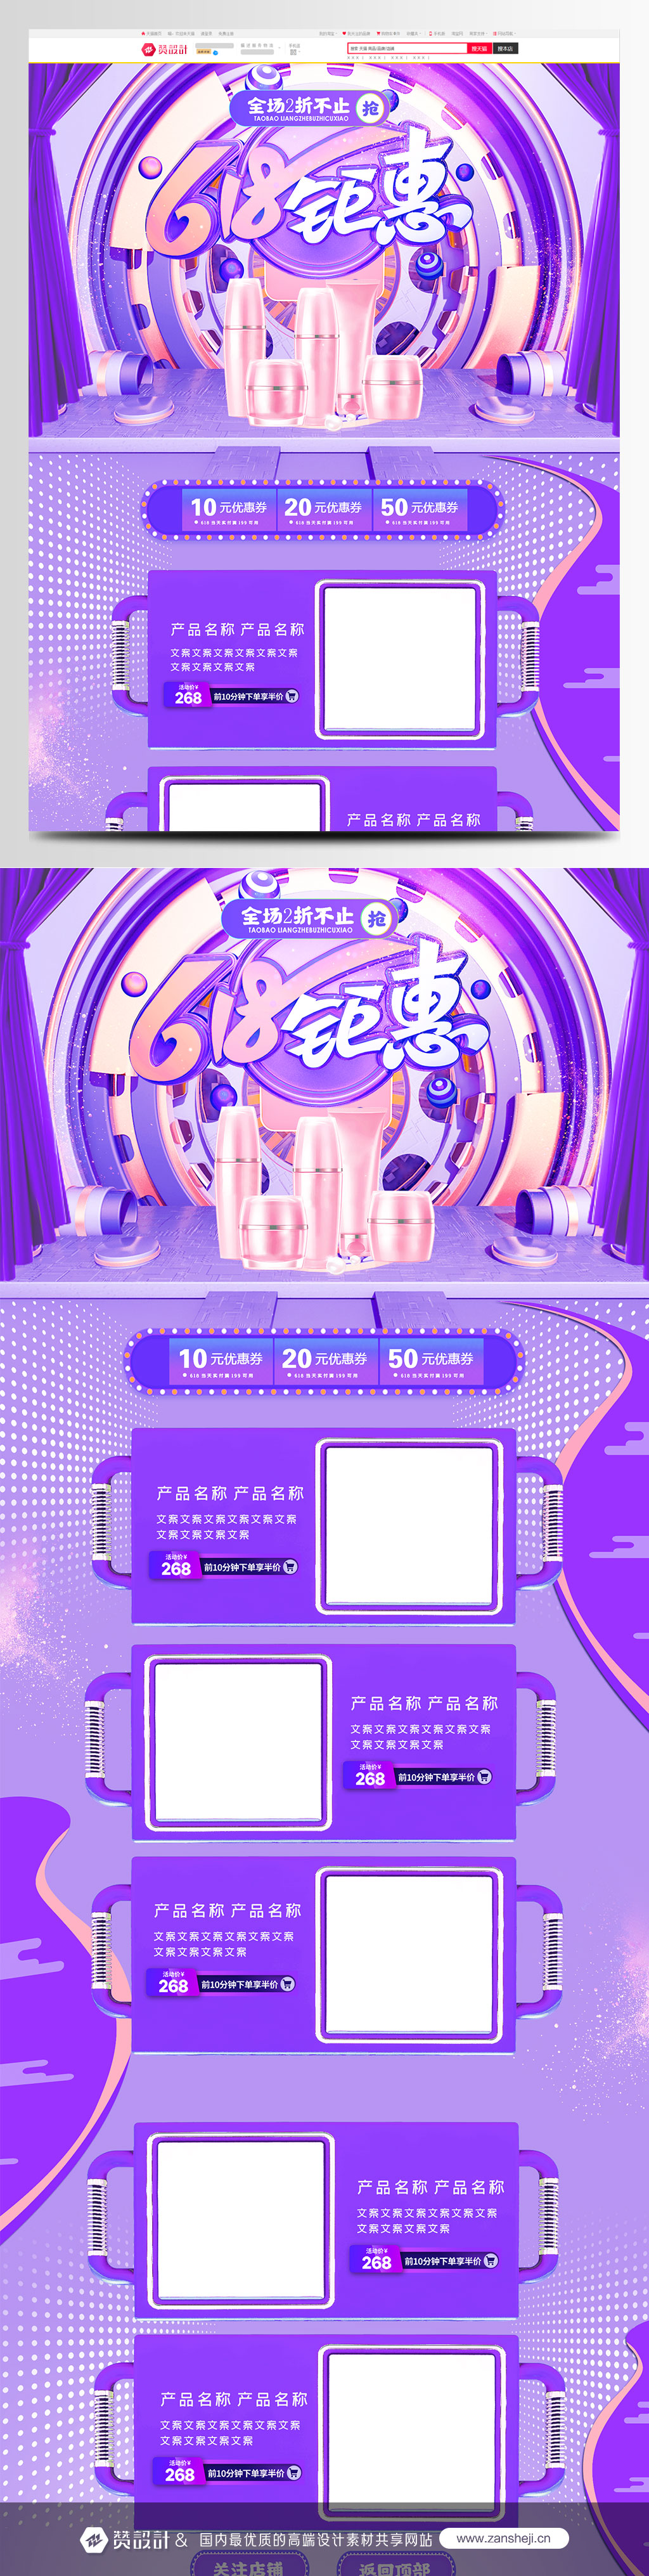 93紫色立体C4D618年中聚惠电商首页